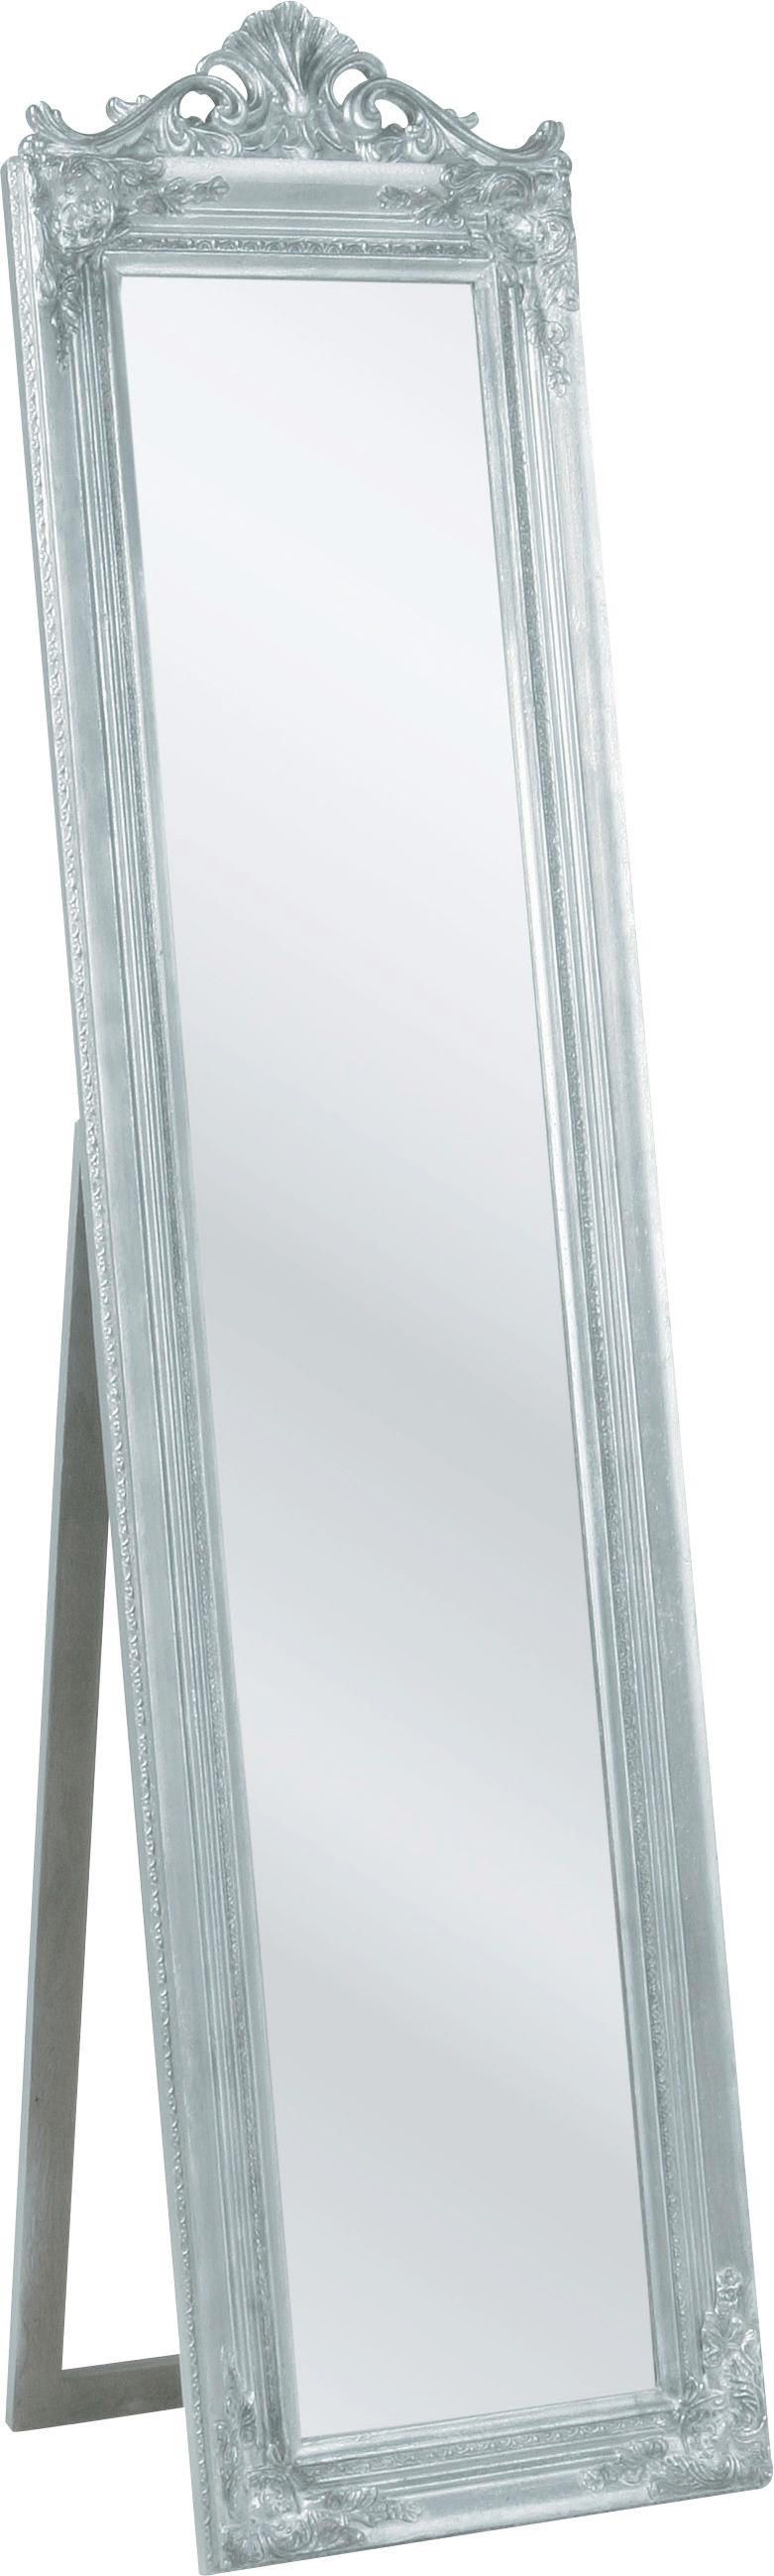 STANDSPIEGEL - Silberfarben, MODERN, Holz (45/180/40cm) - KARE-Design